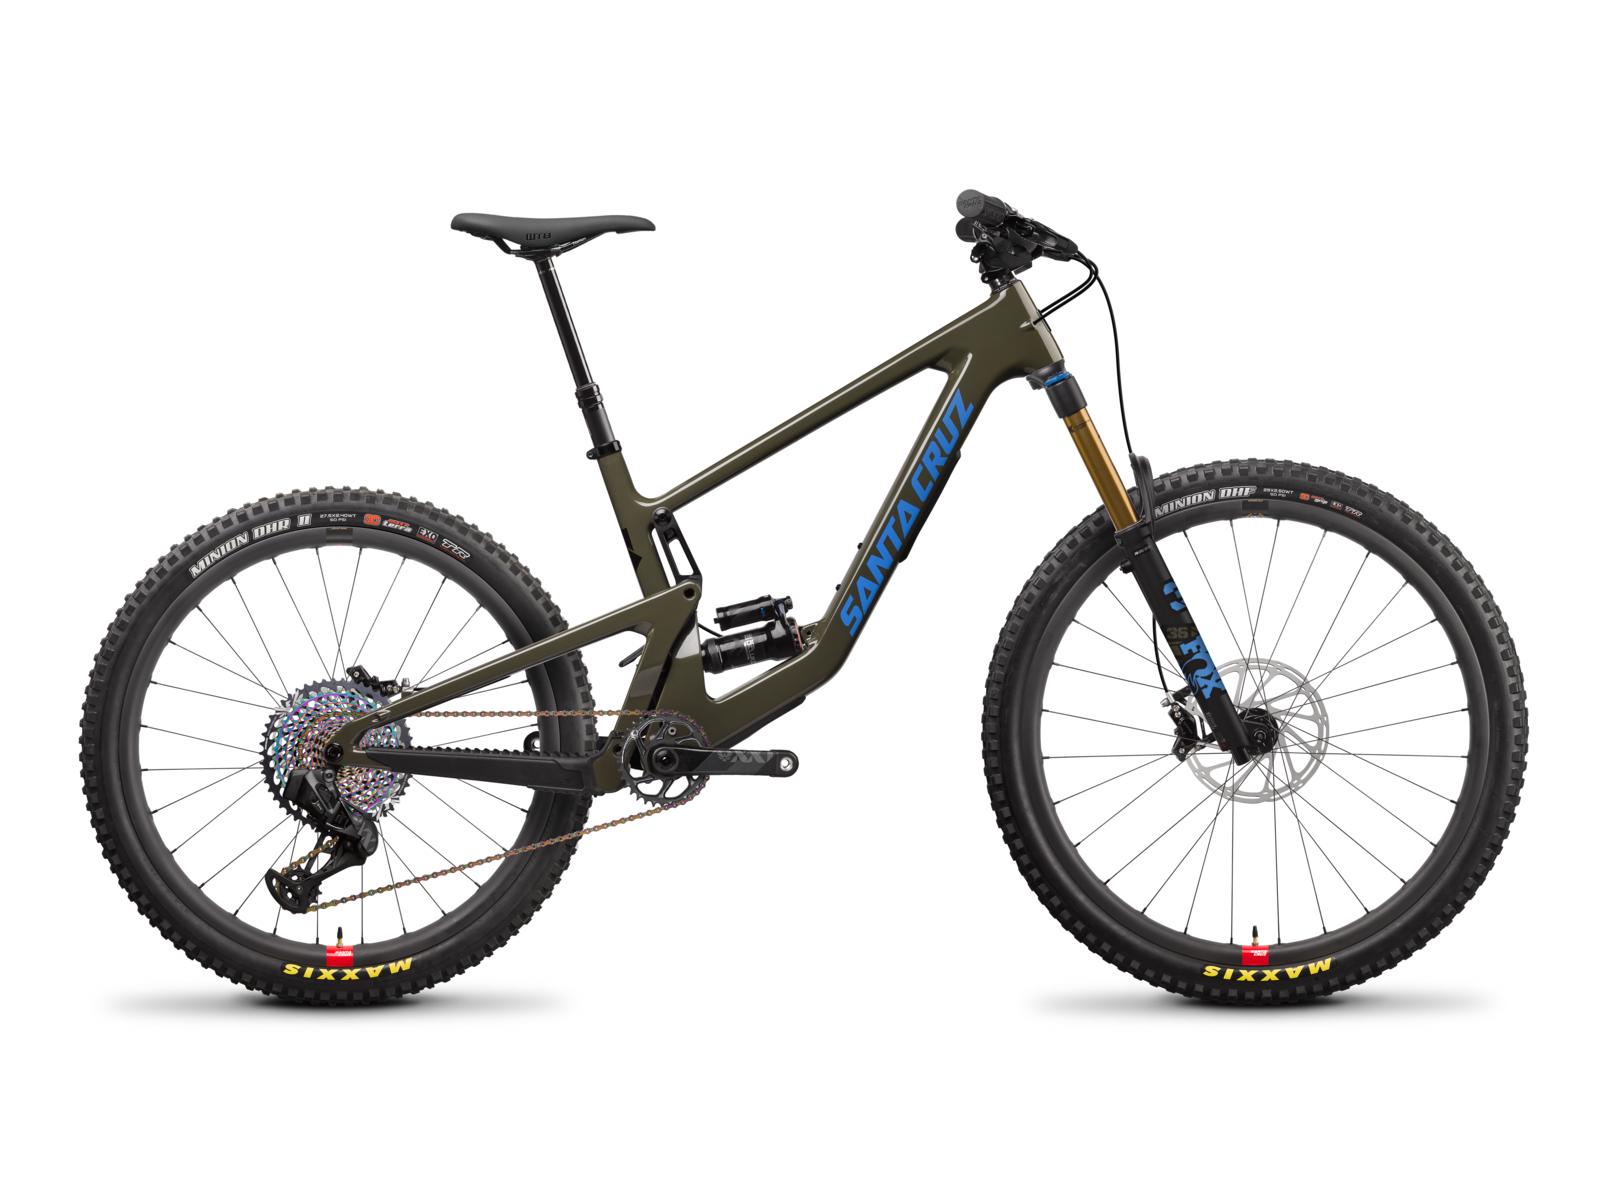 MY22 Bronson4 CC XX1 AXS RSV Green Cycleholix